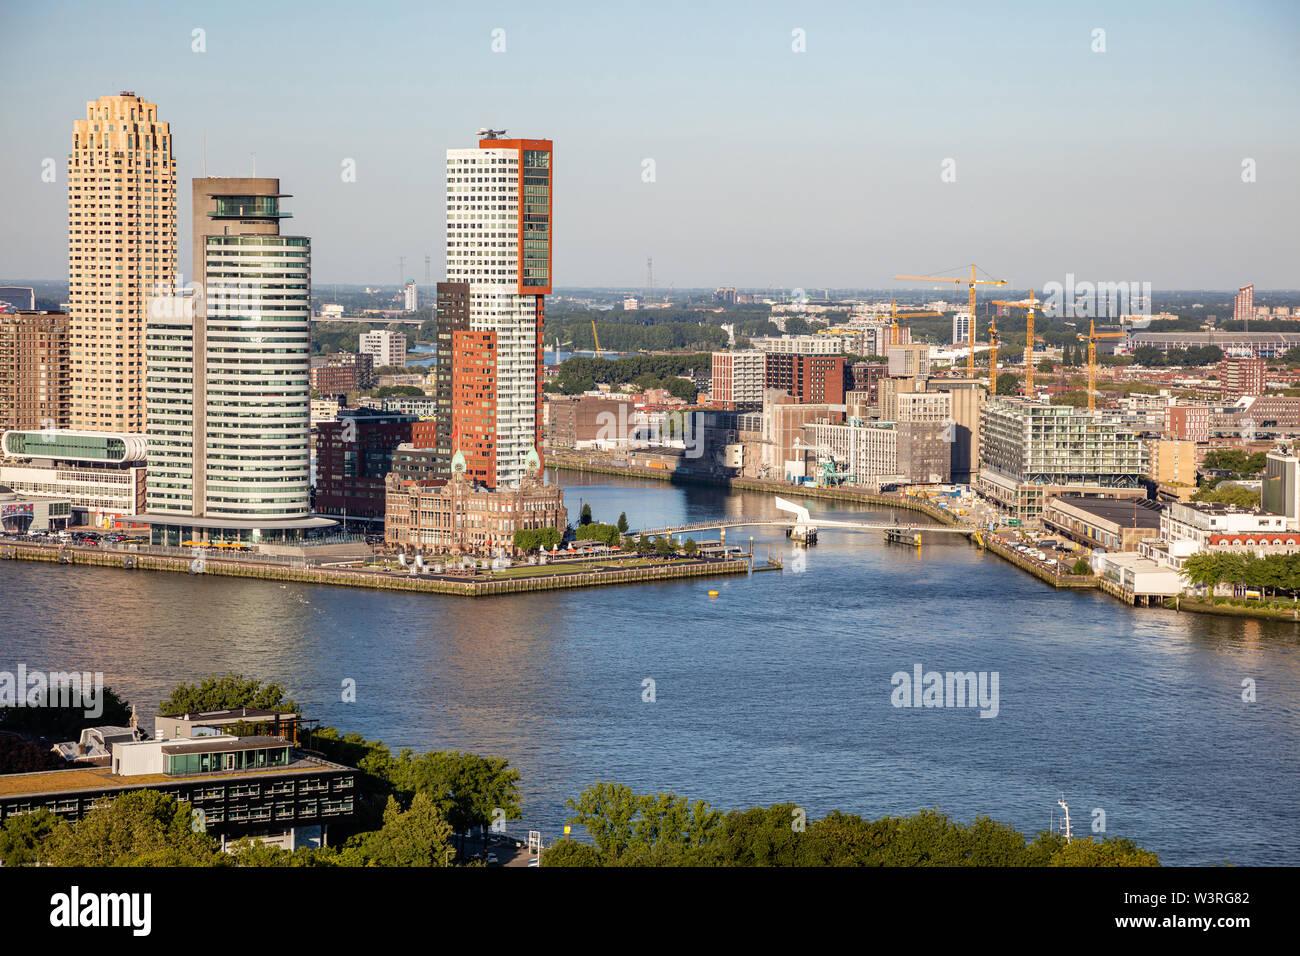 Vue aérienne de la ville de Rotterdam. Paysage urbain et la rivière Maas, journée ensoleillée d'été, vue à partir de la tour Euromast, Pays-Bas Banque D'Images